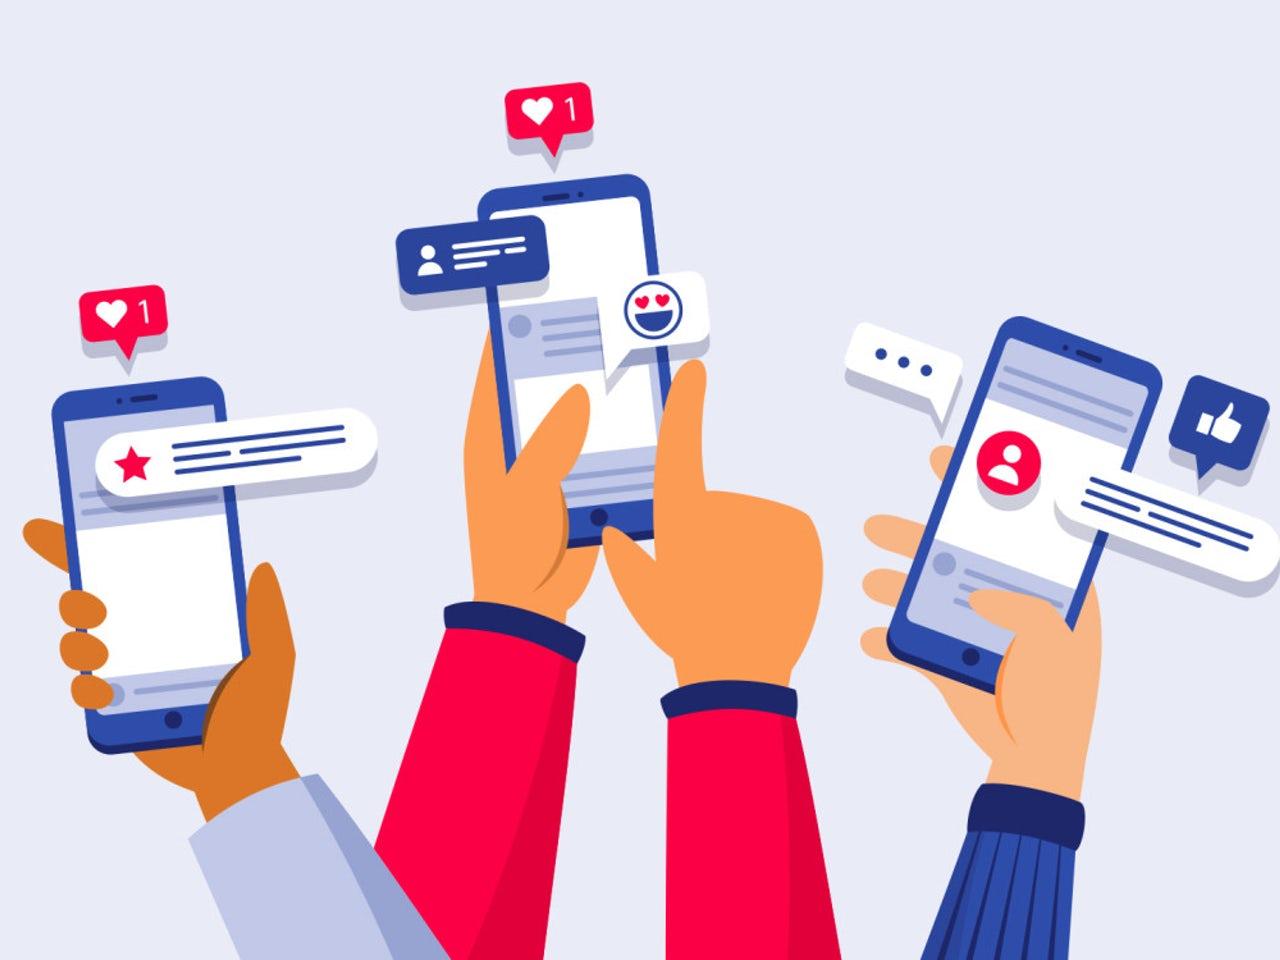 10 trang mạng xã hội làm kinh doanh online phải biết! (P2)